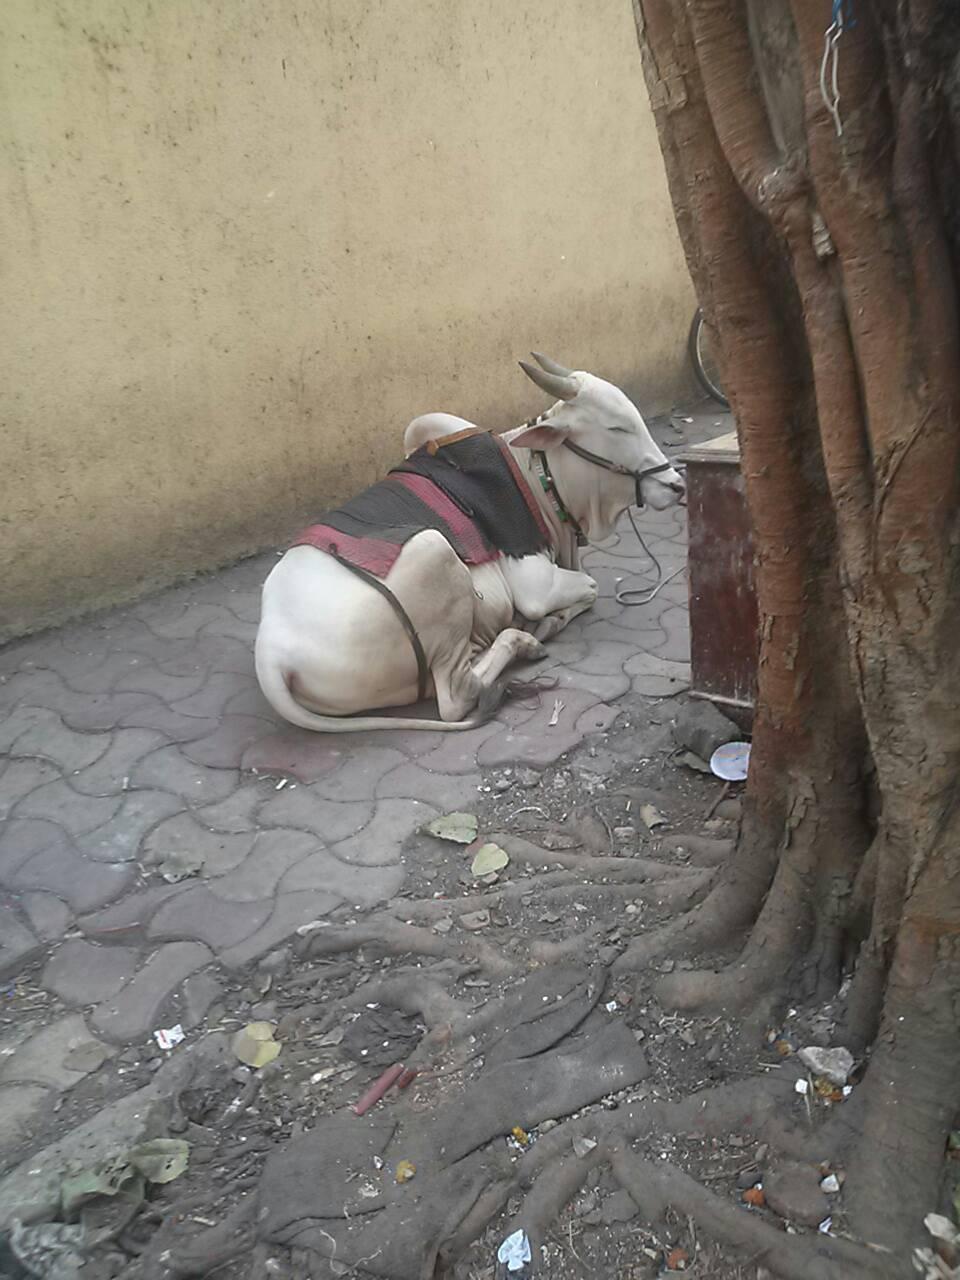 インドというレンズで物事を見せられるということ_e0210611_1311670.jpg